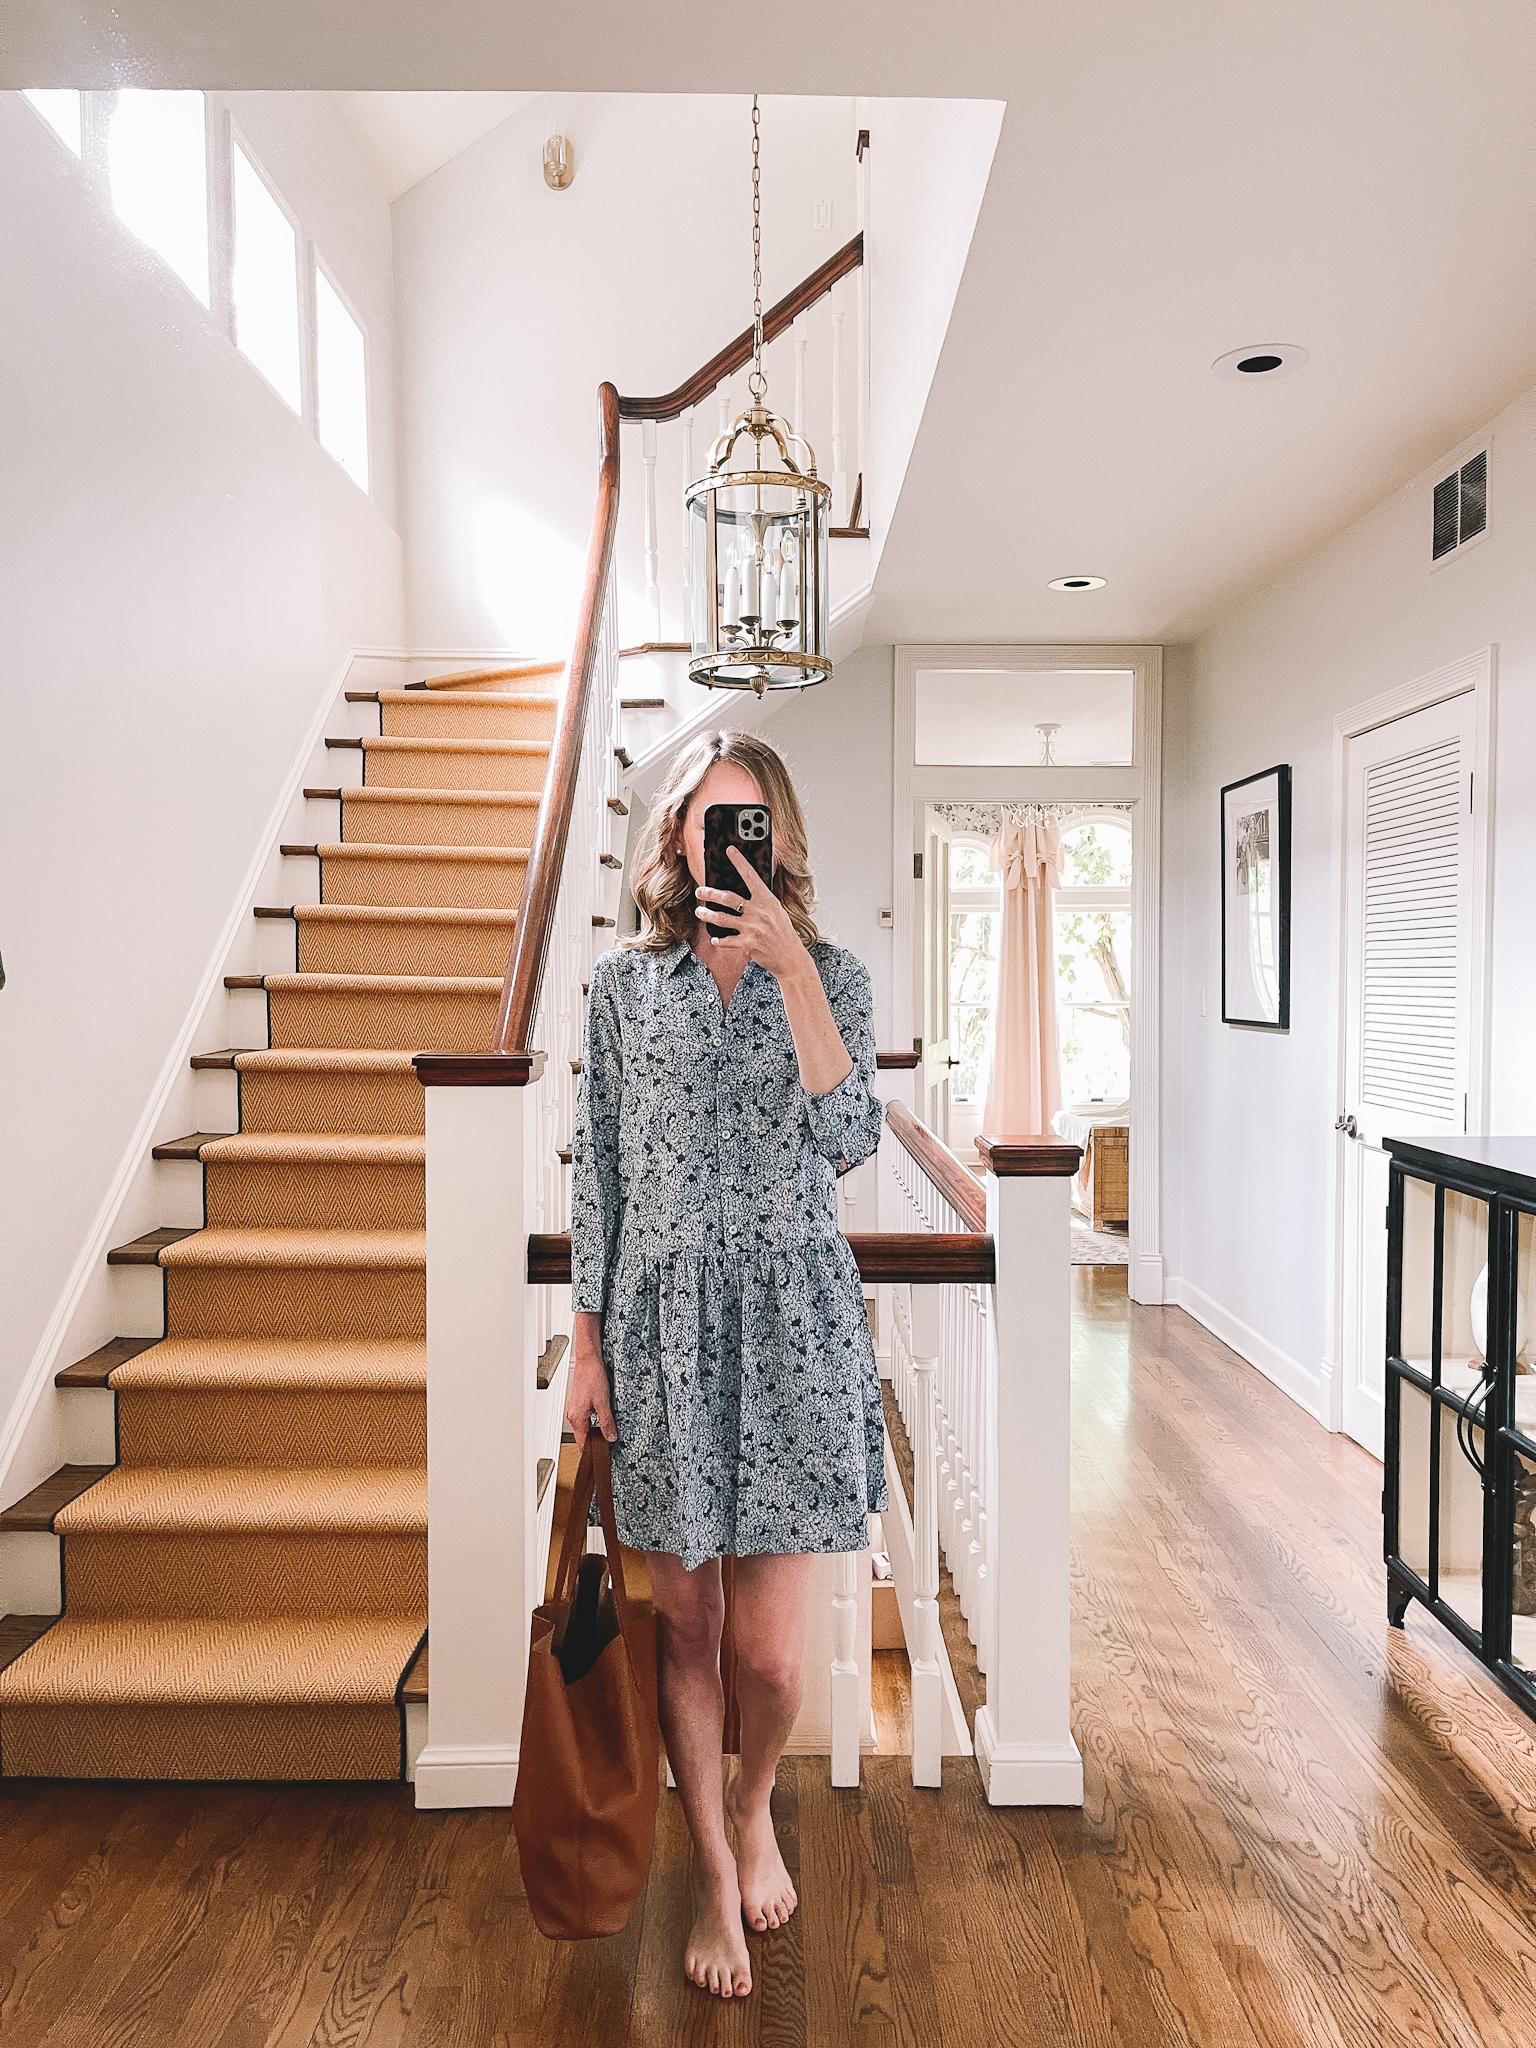 tuckernuck hydrangea dress | Recent Finds 6/11